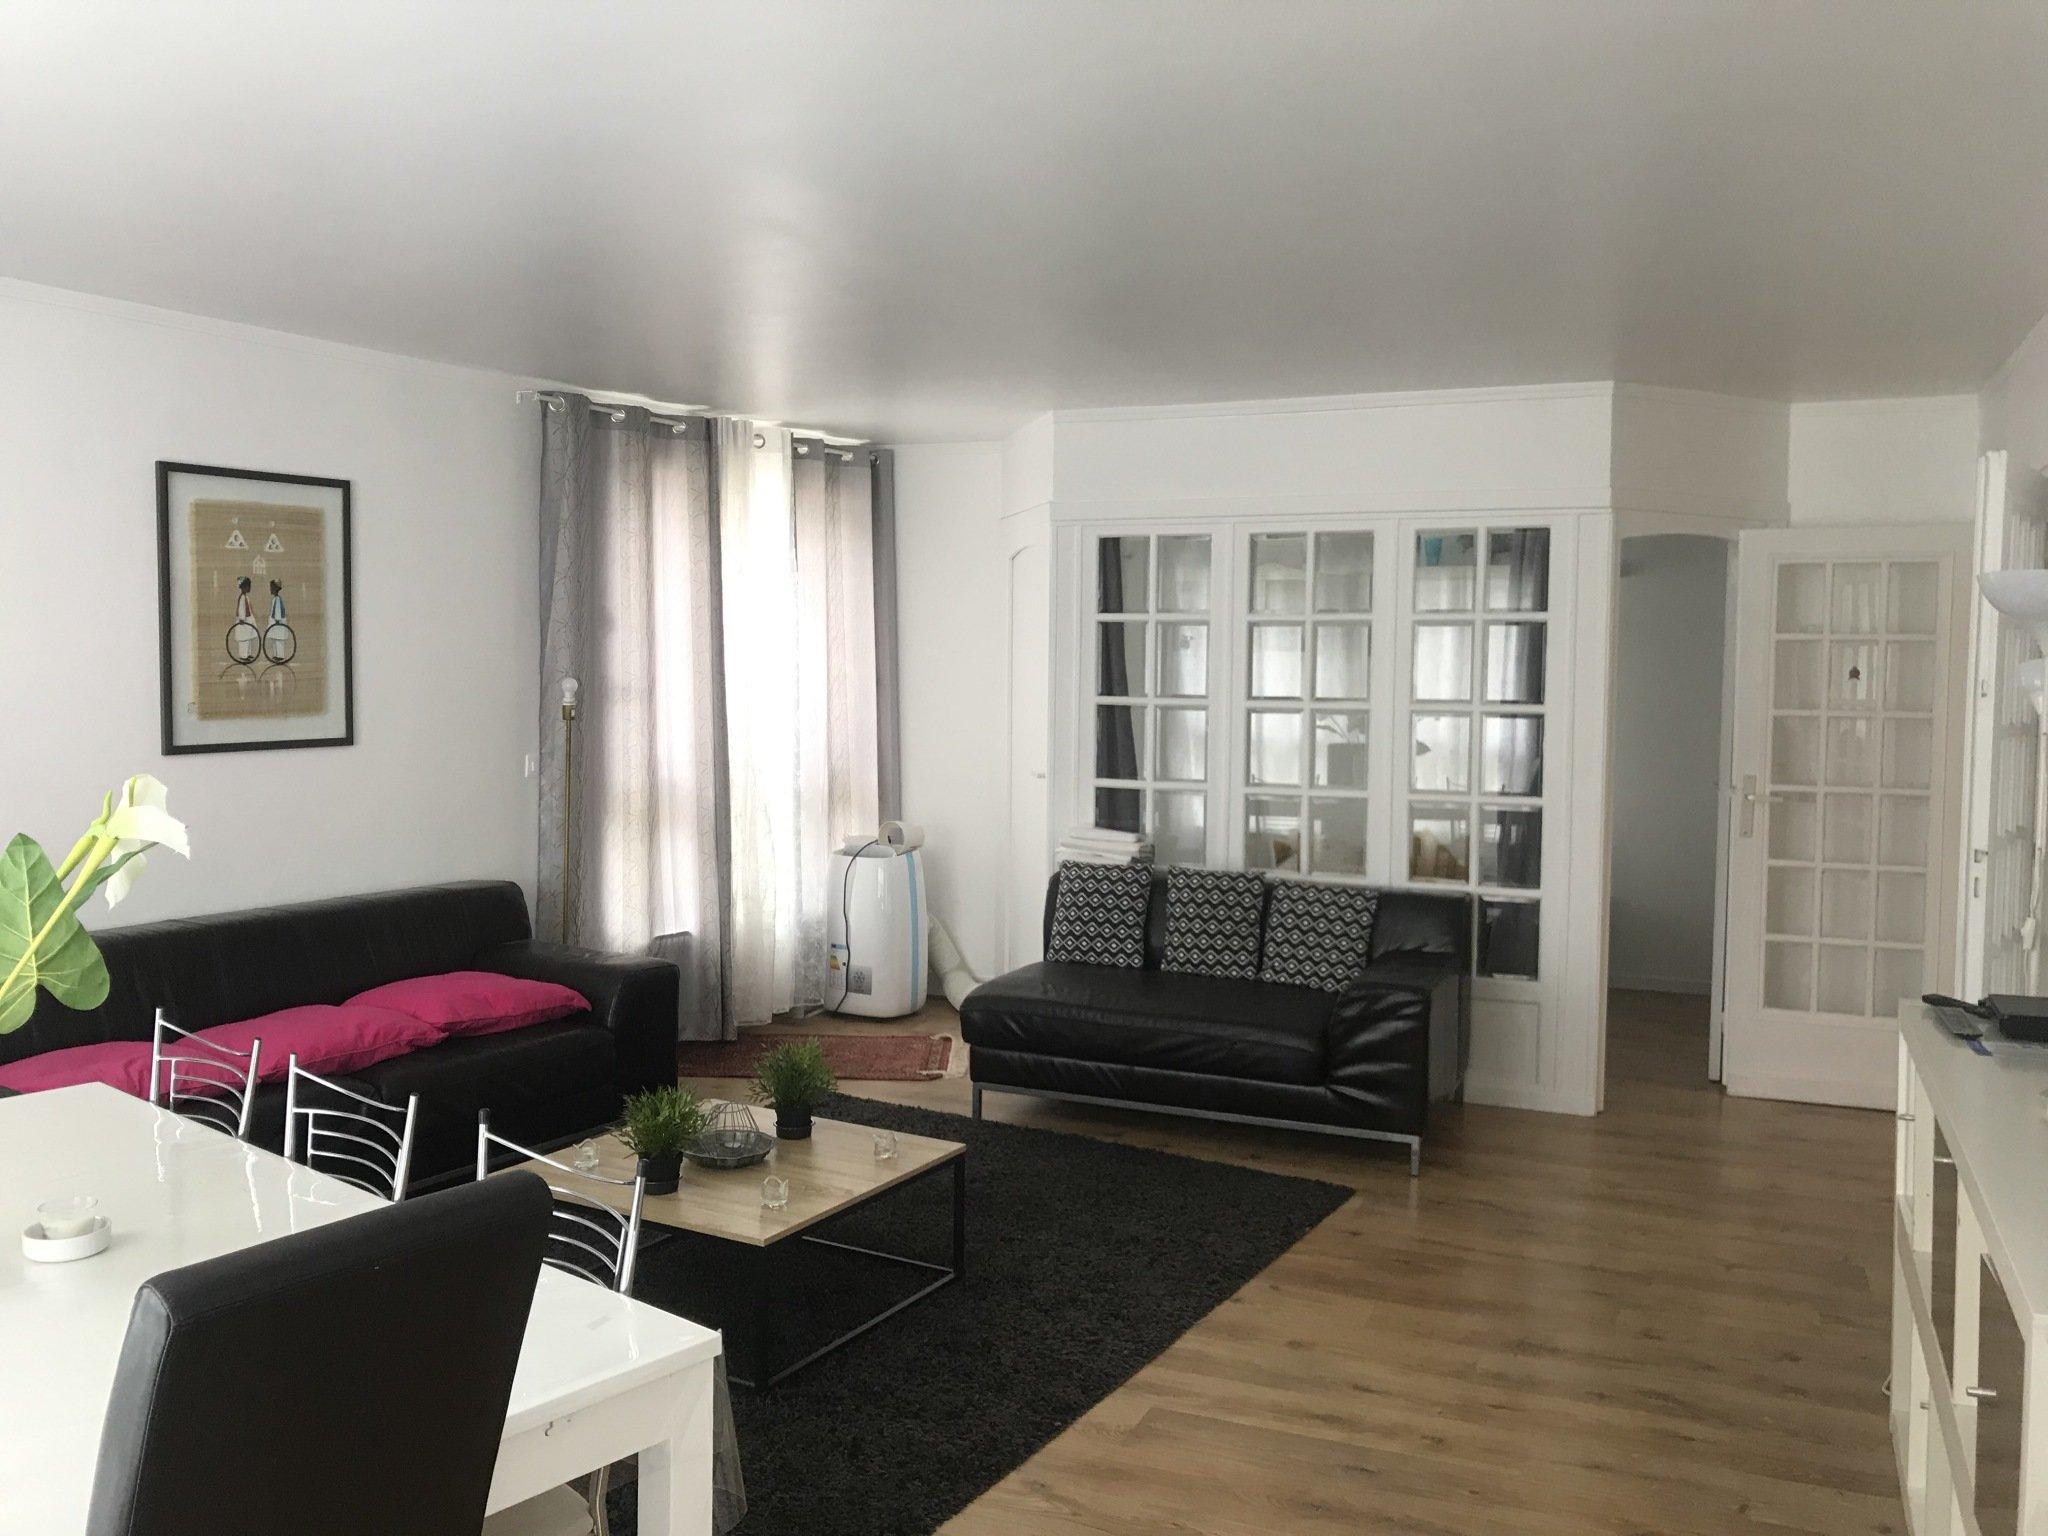 Appartement a louer puteaux - 5 pièce(s) - 110 m2 - Surfyn